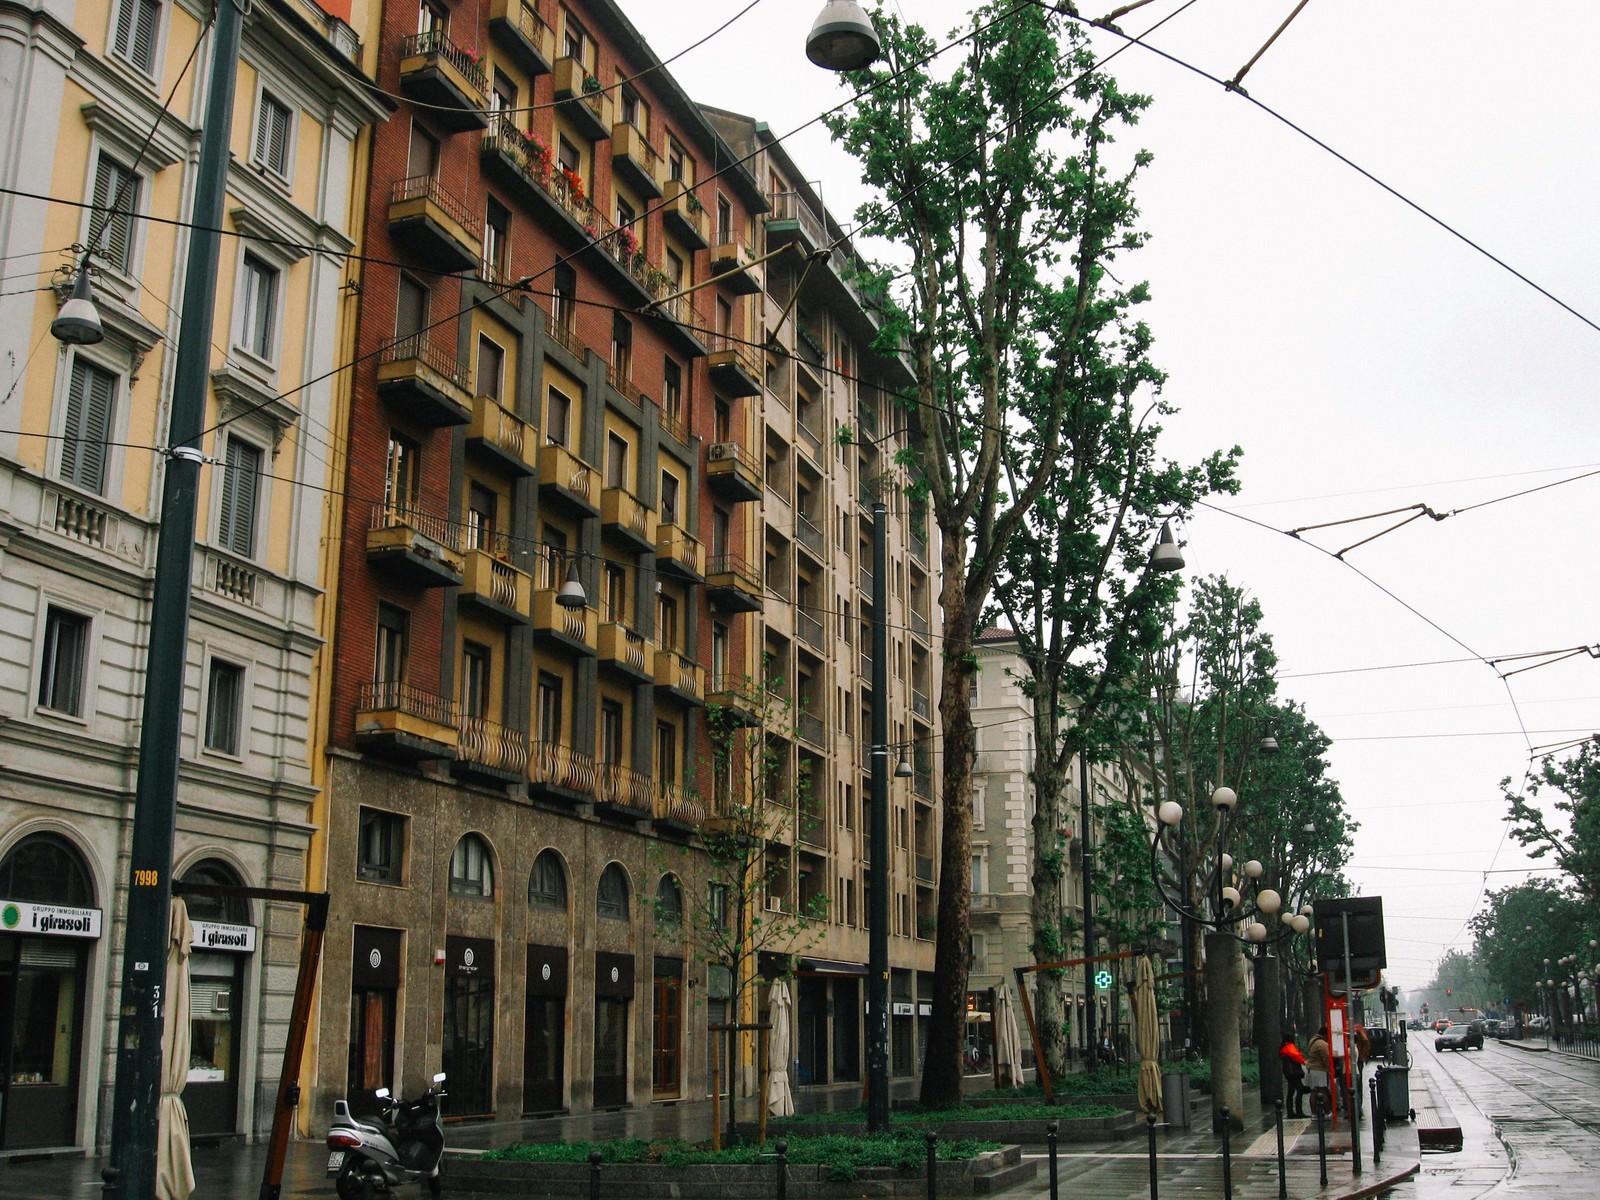 「道路沿いに立ち並ぶ外国の建物(イタリア)」の写真